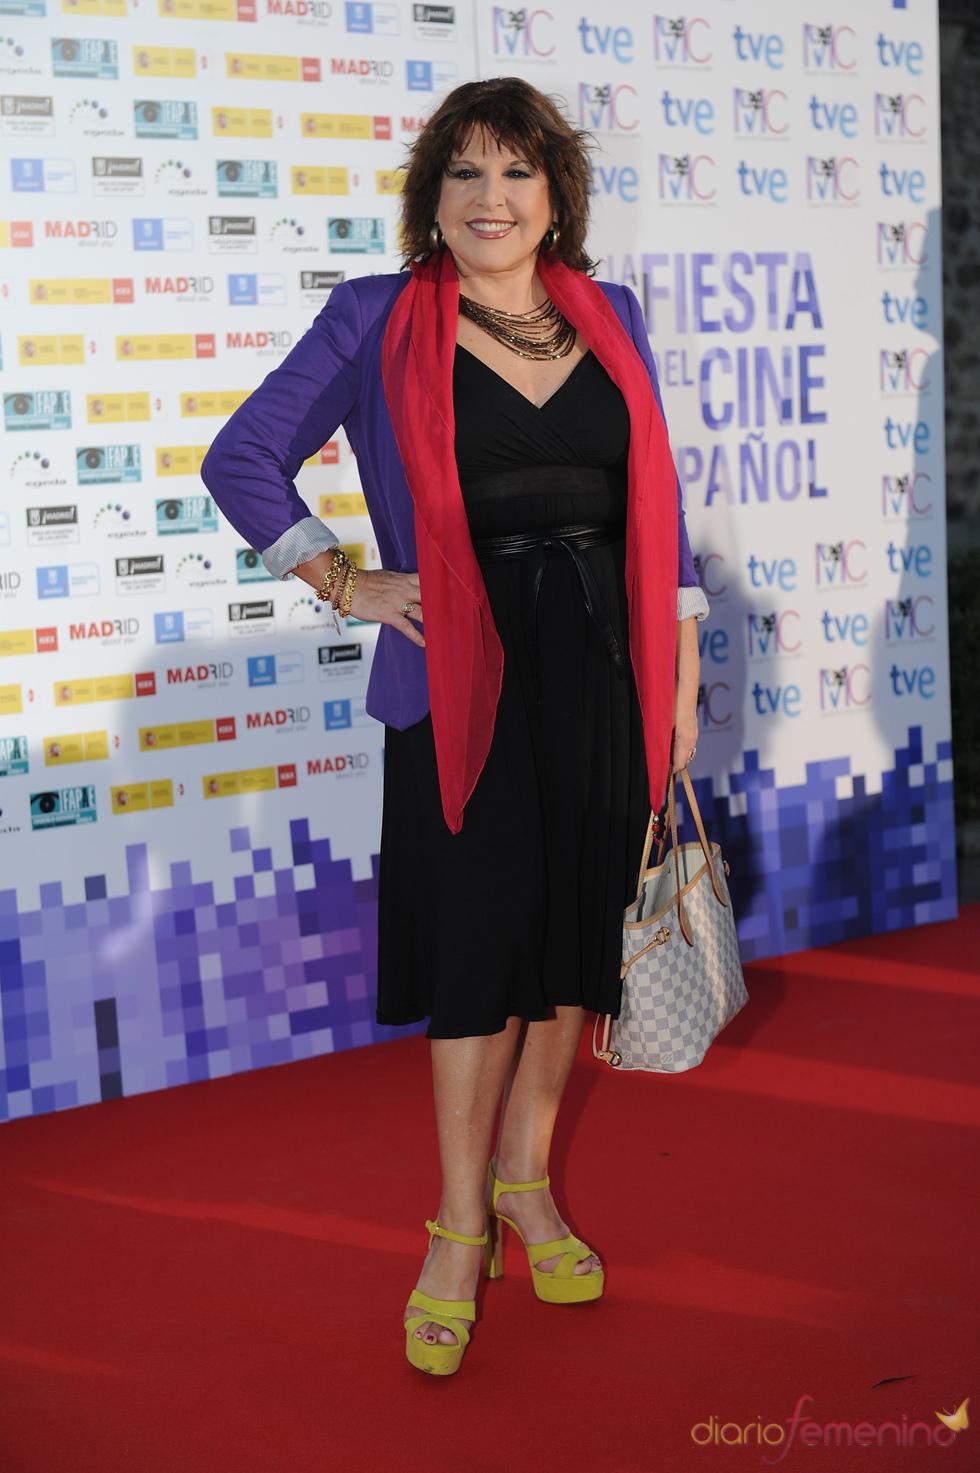 Loles León en la Fiesta del Cine español